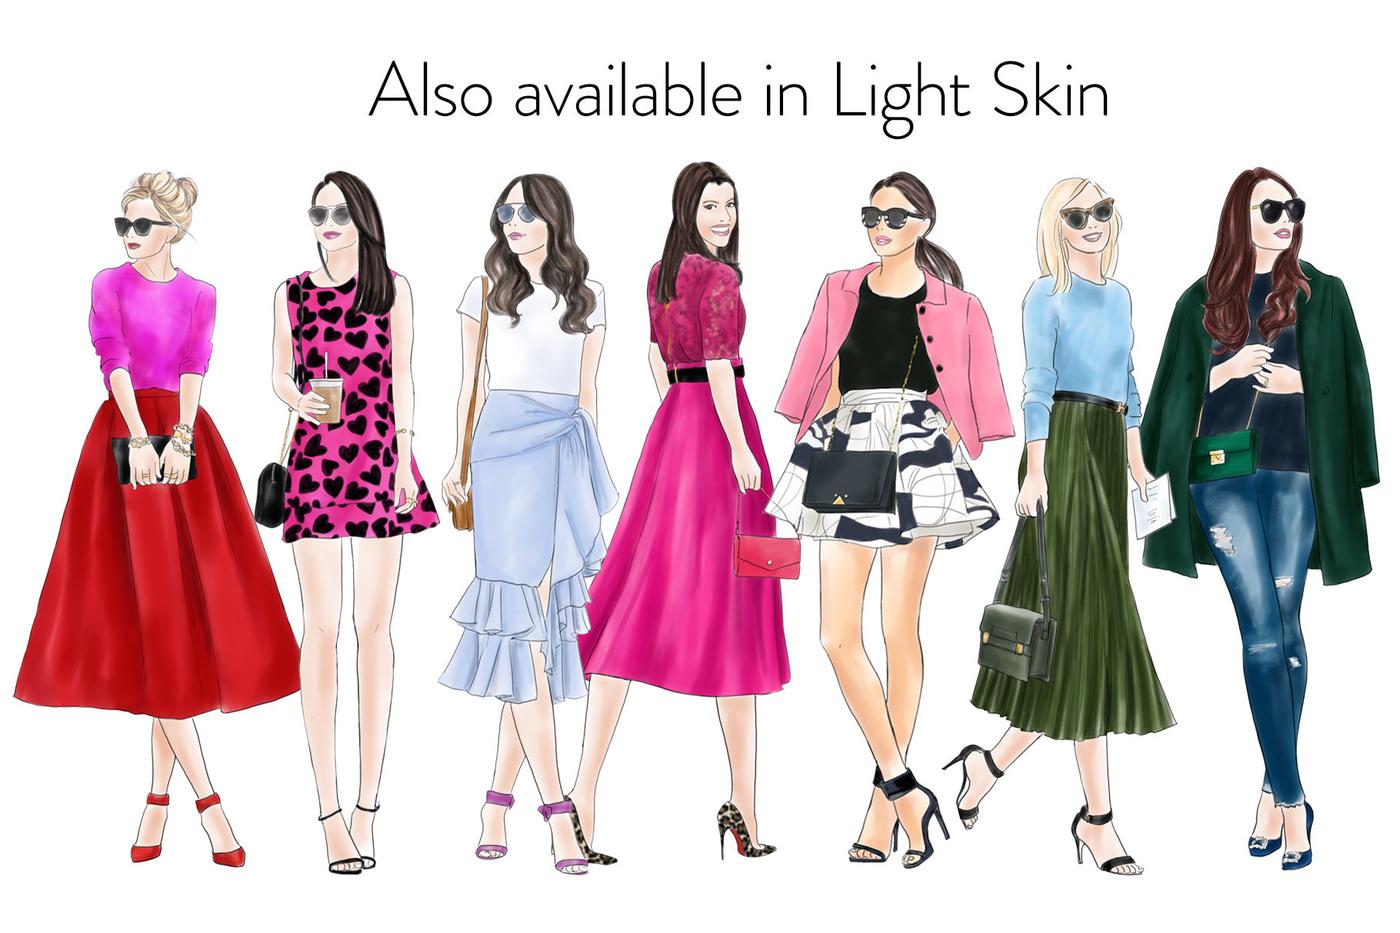 Fashion clipart. Watercolor girls dark skin